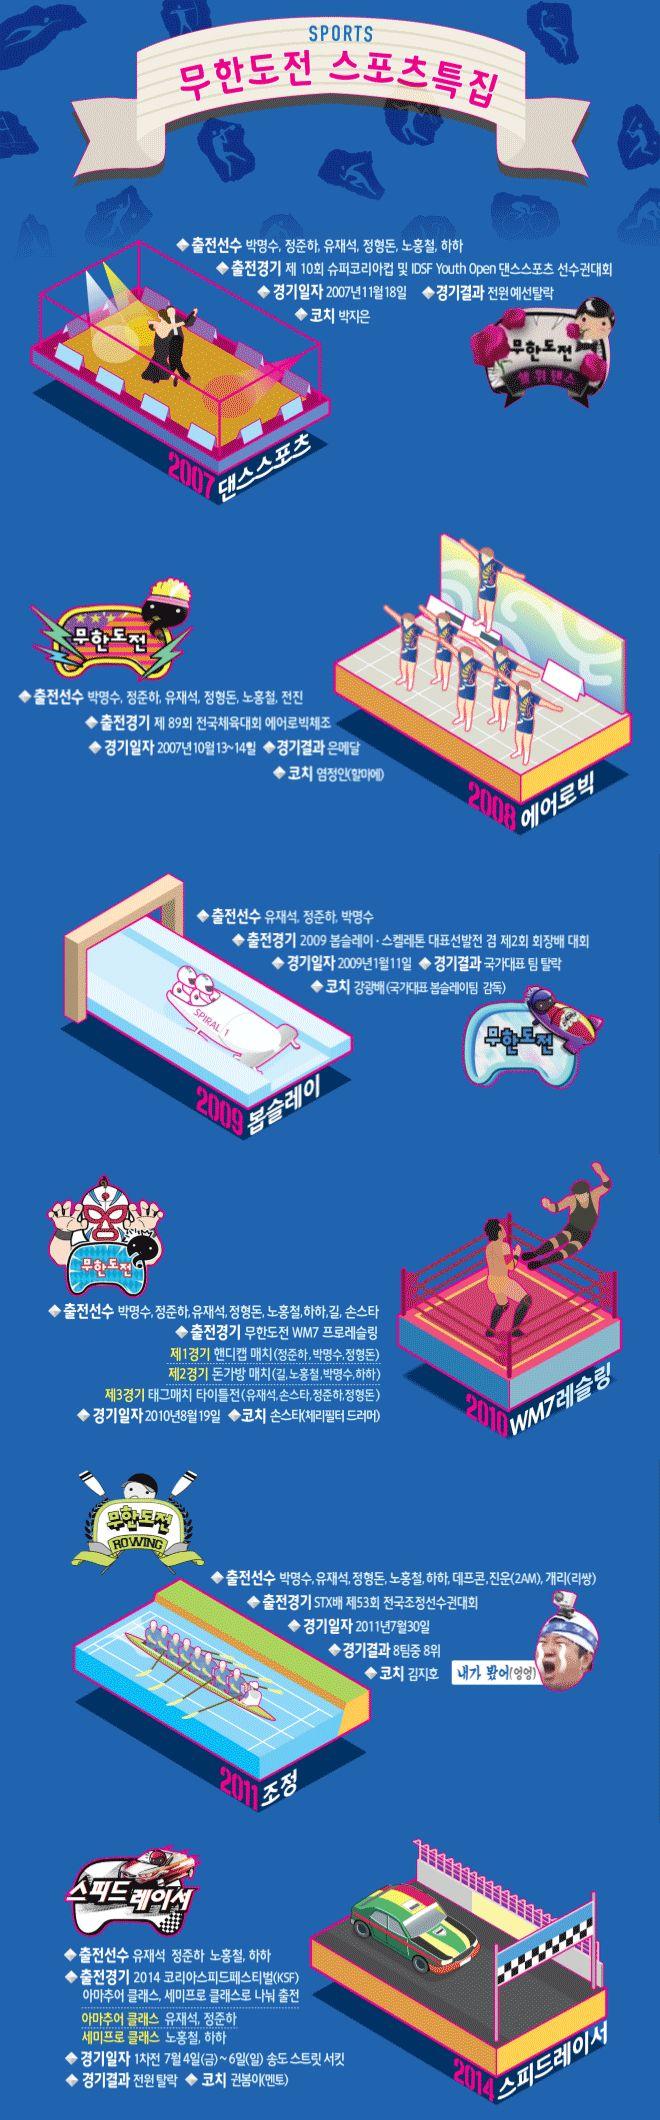 아시안게임특집 무한도전_인포그래픽